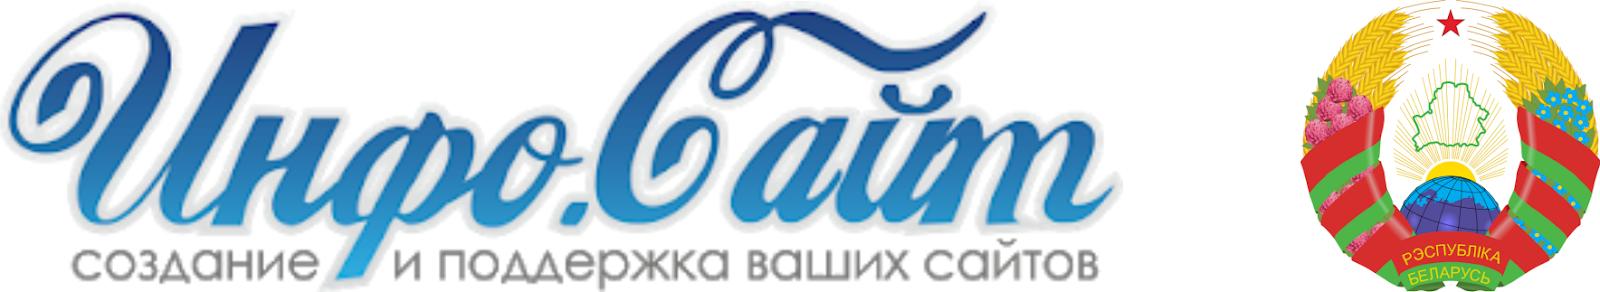 Беларусь 🌍 Новости : Информационный агрегатор Инфо-Сайт